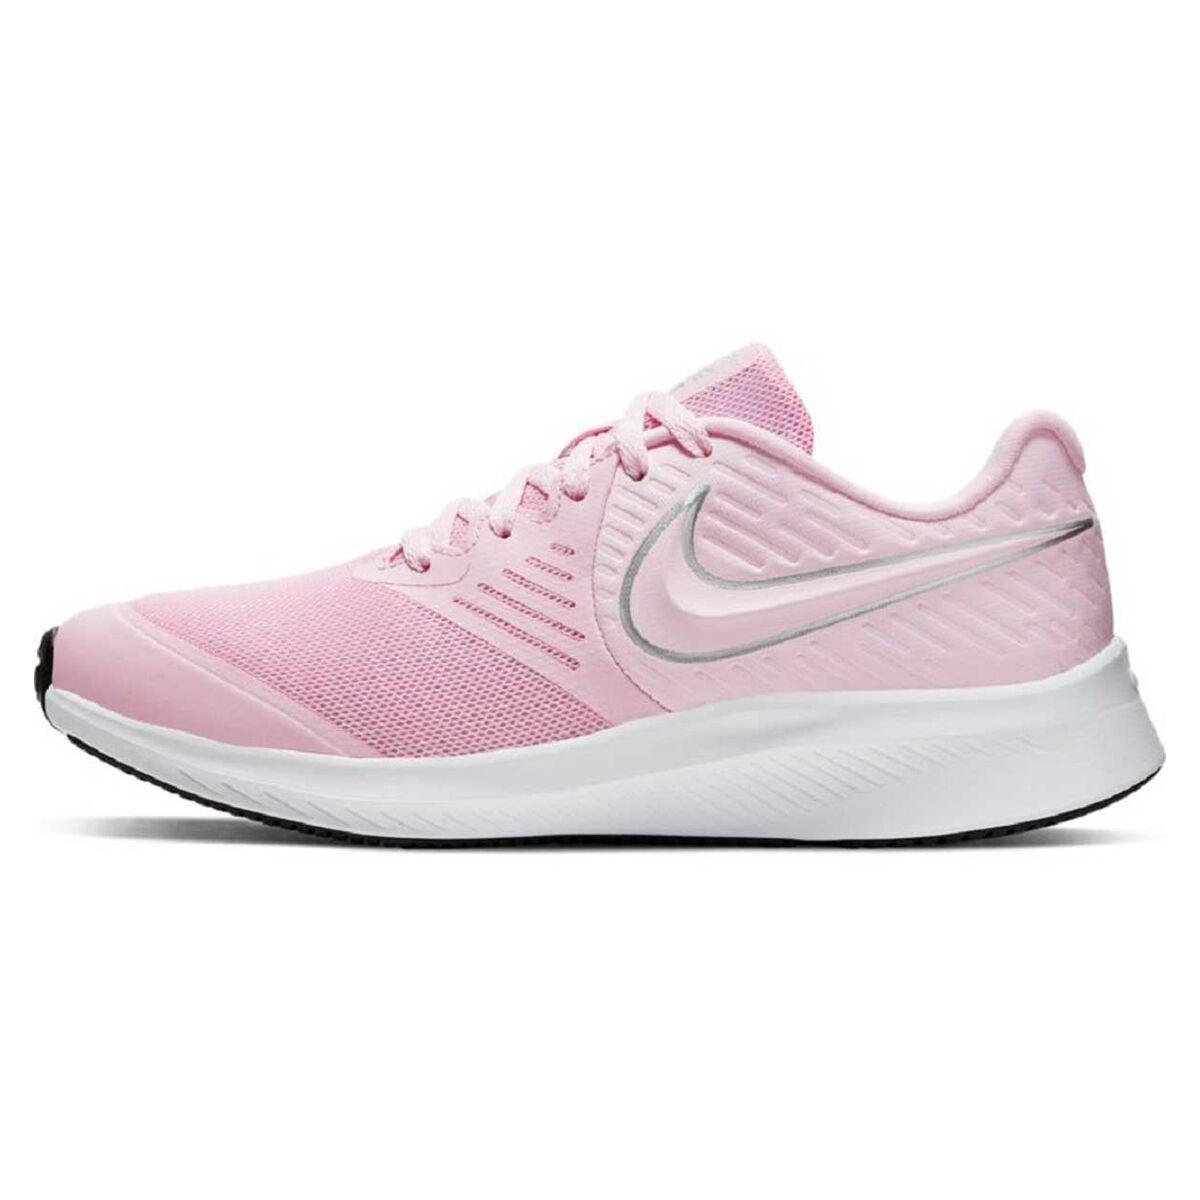 nike star runner 2 pink